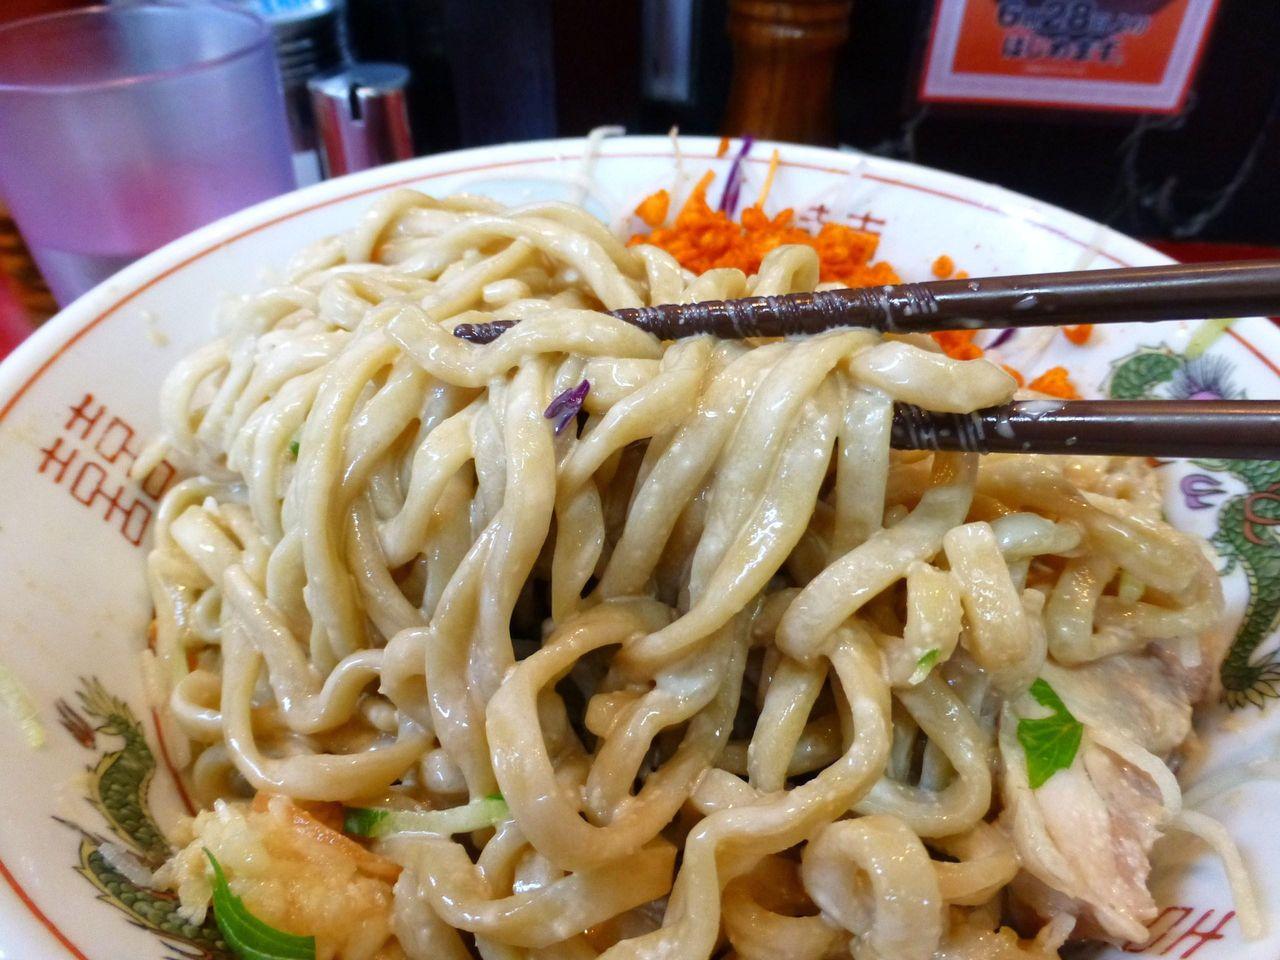 お箸より少し太めの平太麺は、コシが強く凶暴な歯応え!